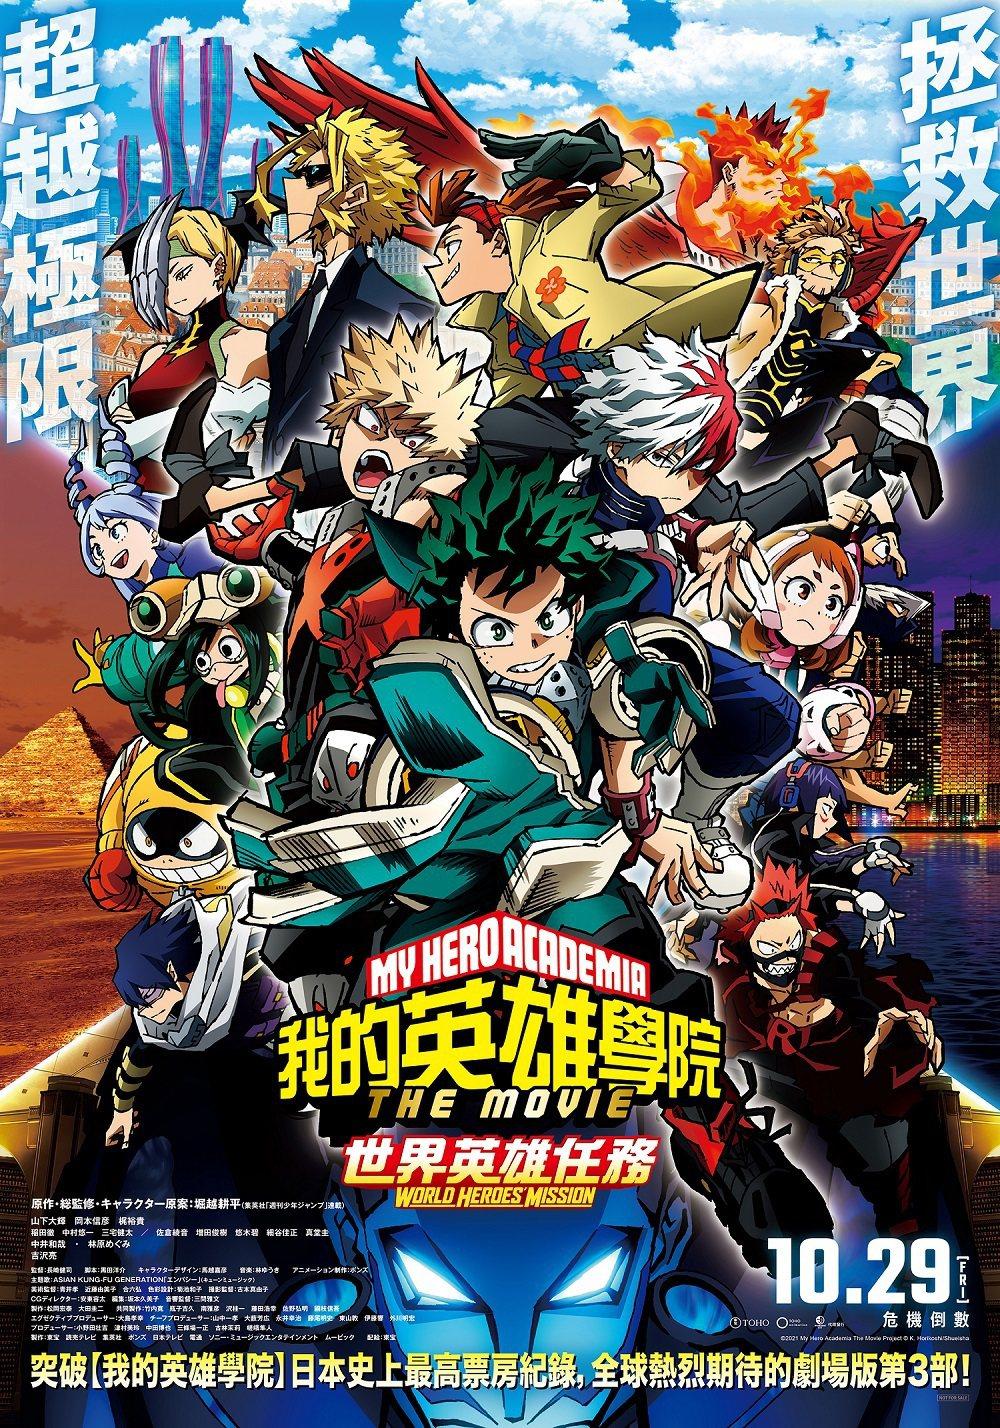 《我的英雄學院劇場版:世界英雄任務》發布中文版海報。羚邦提供